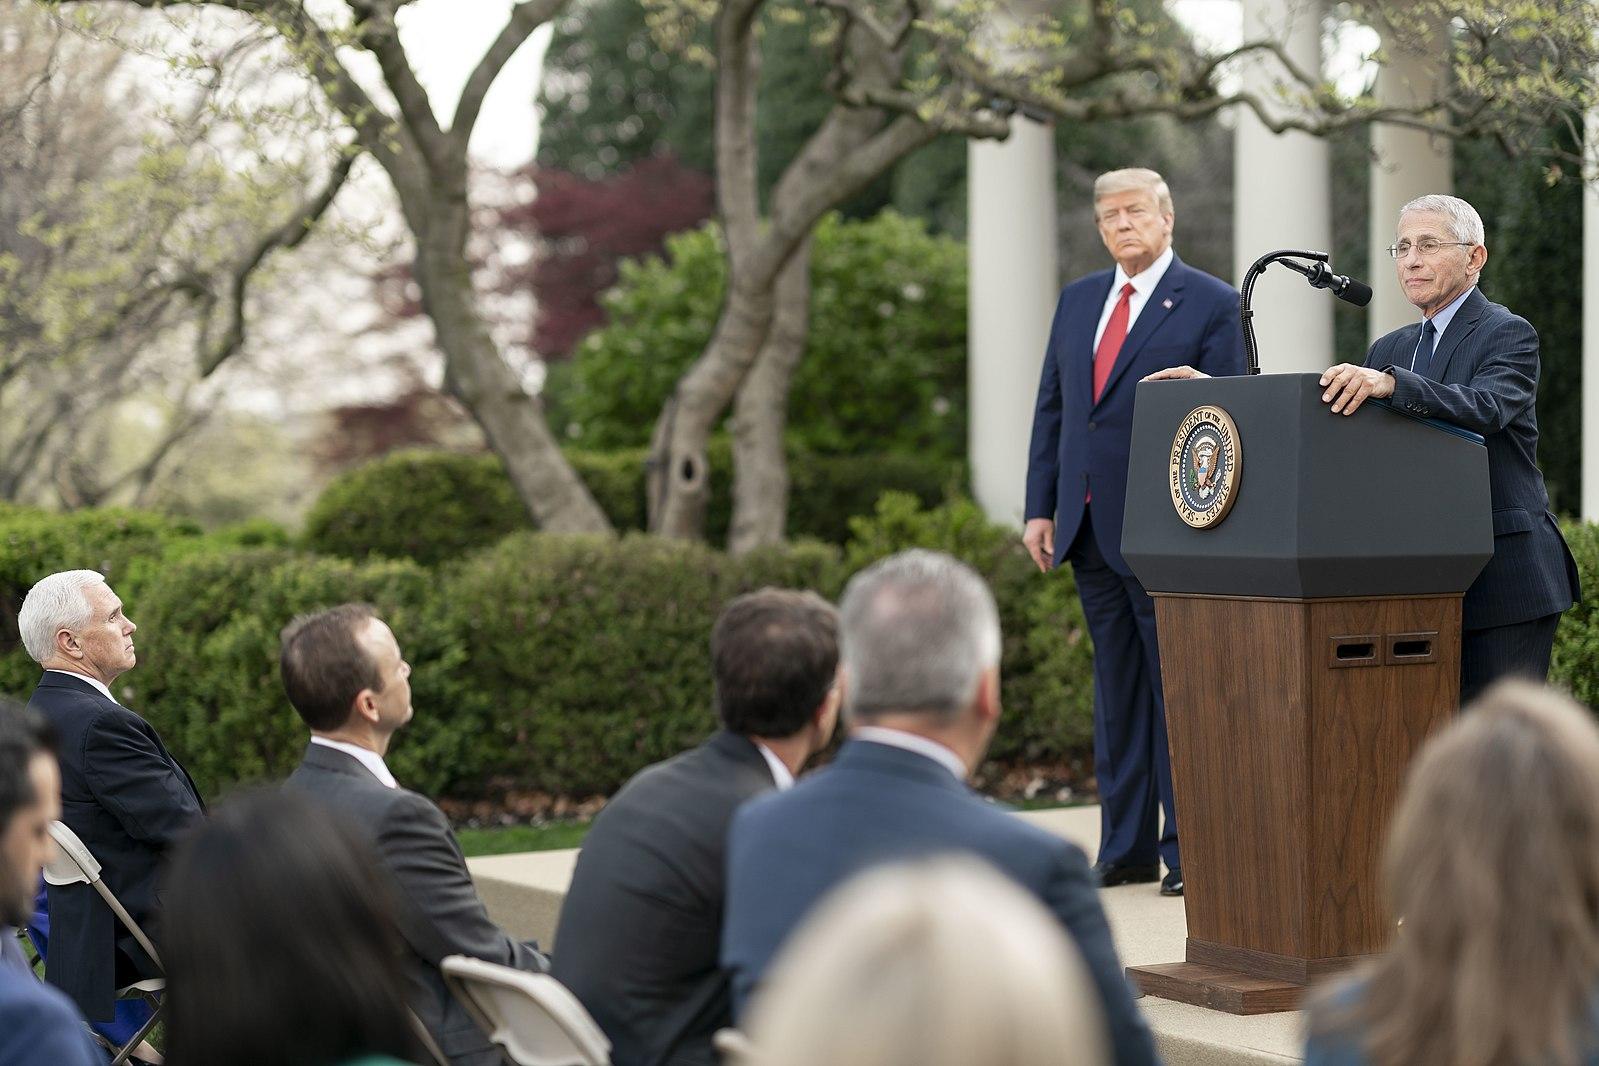 Donald Trump réclame 10 000 milliards de dollars à la Chine pour les dommages causés par la pandémie de Covid-19